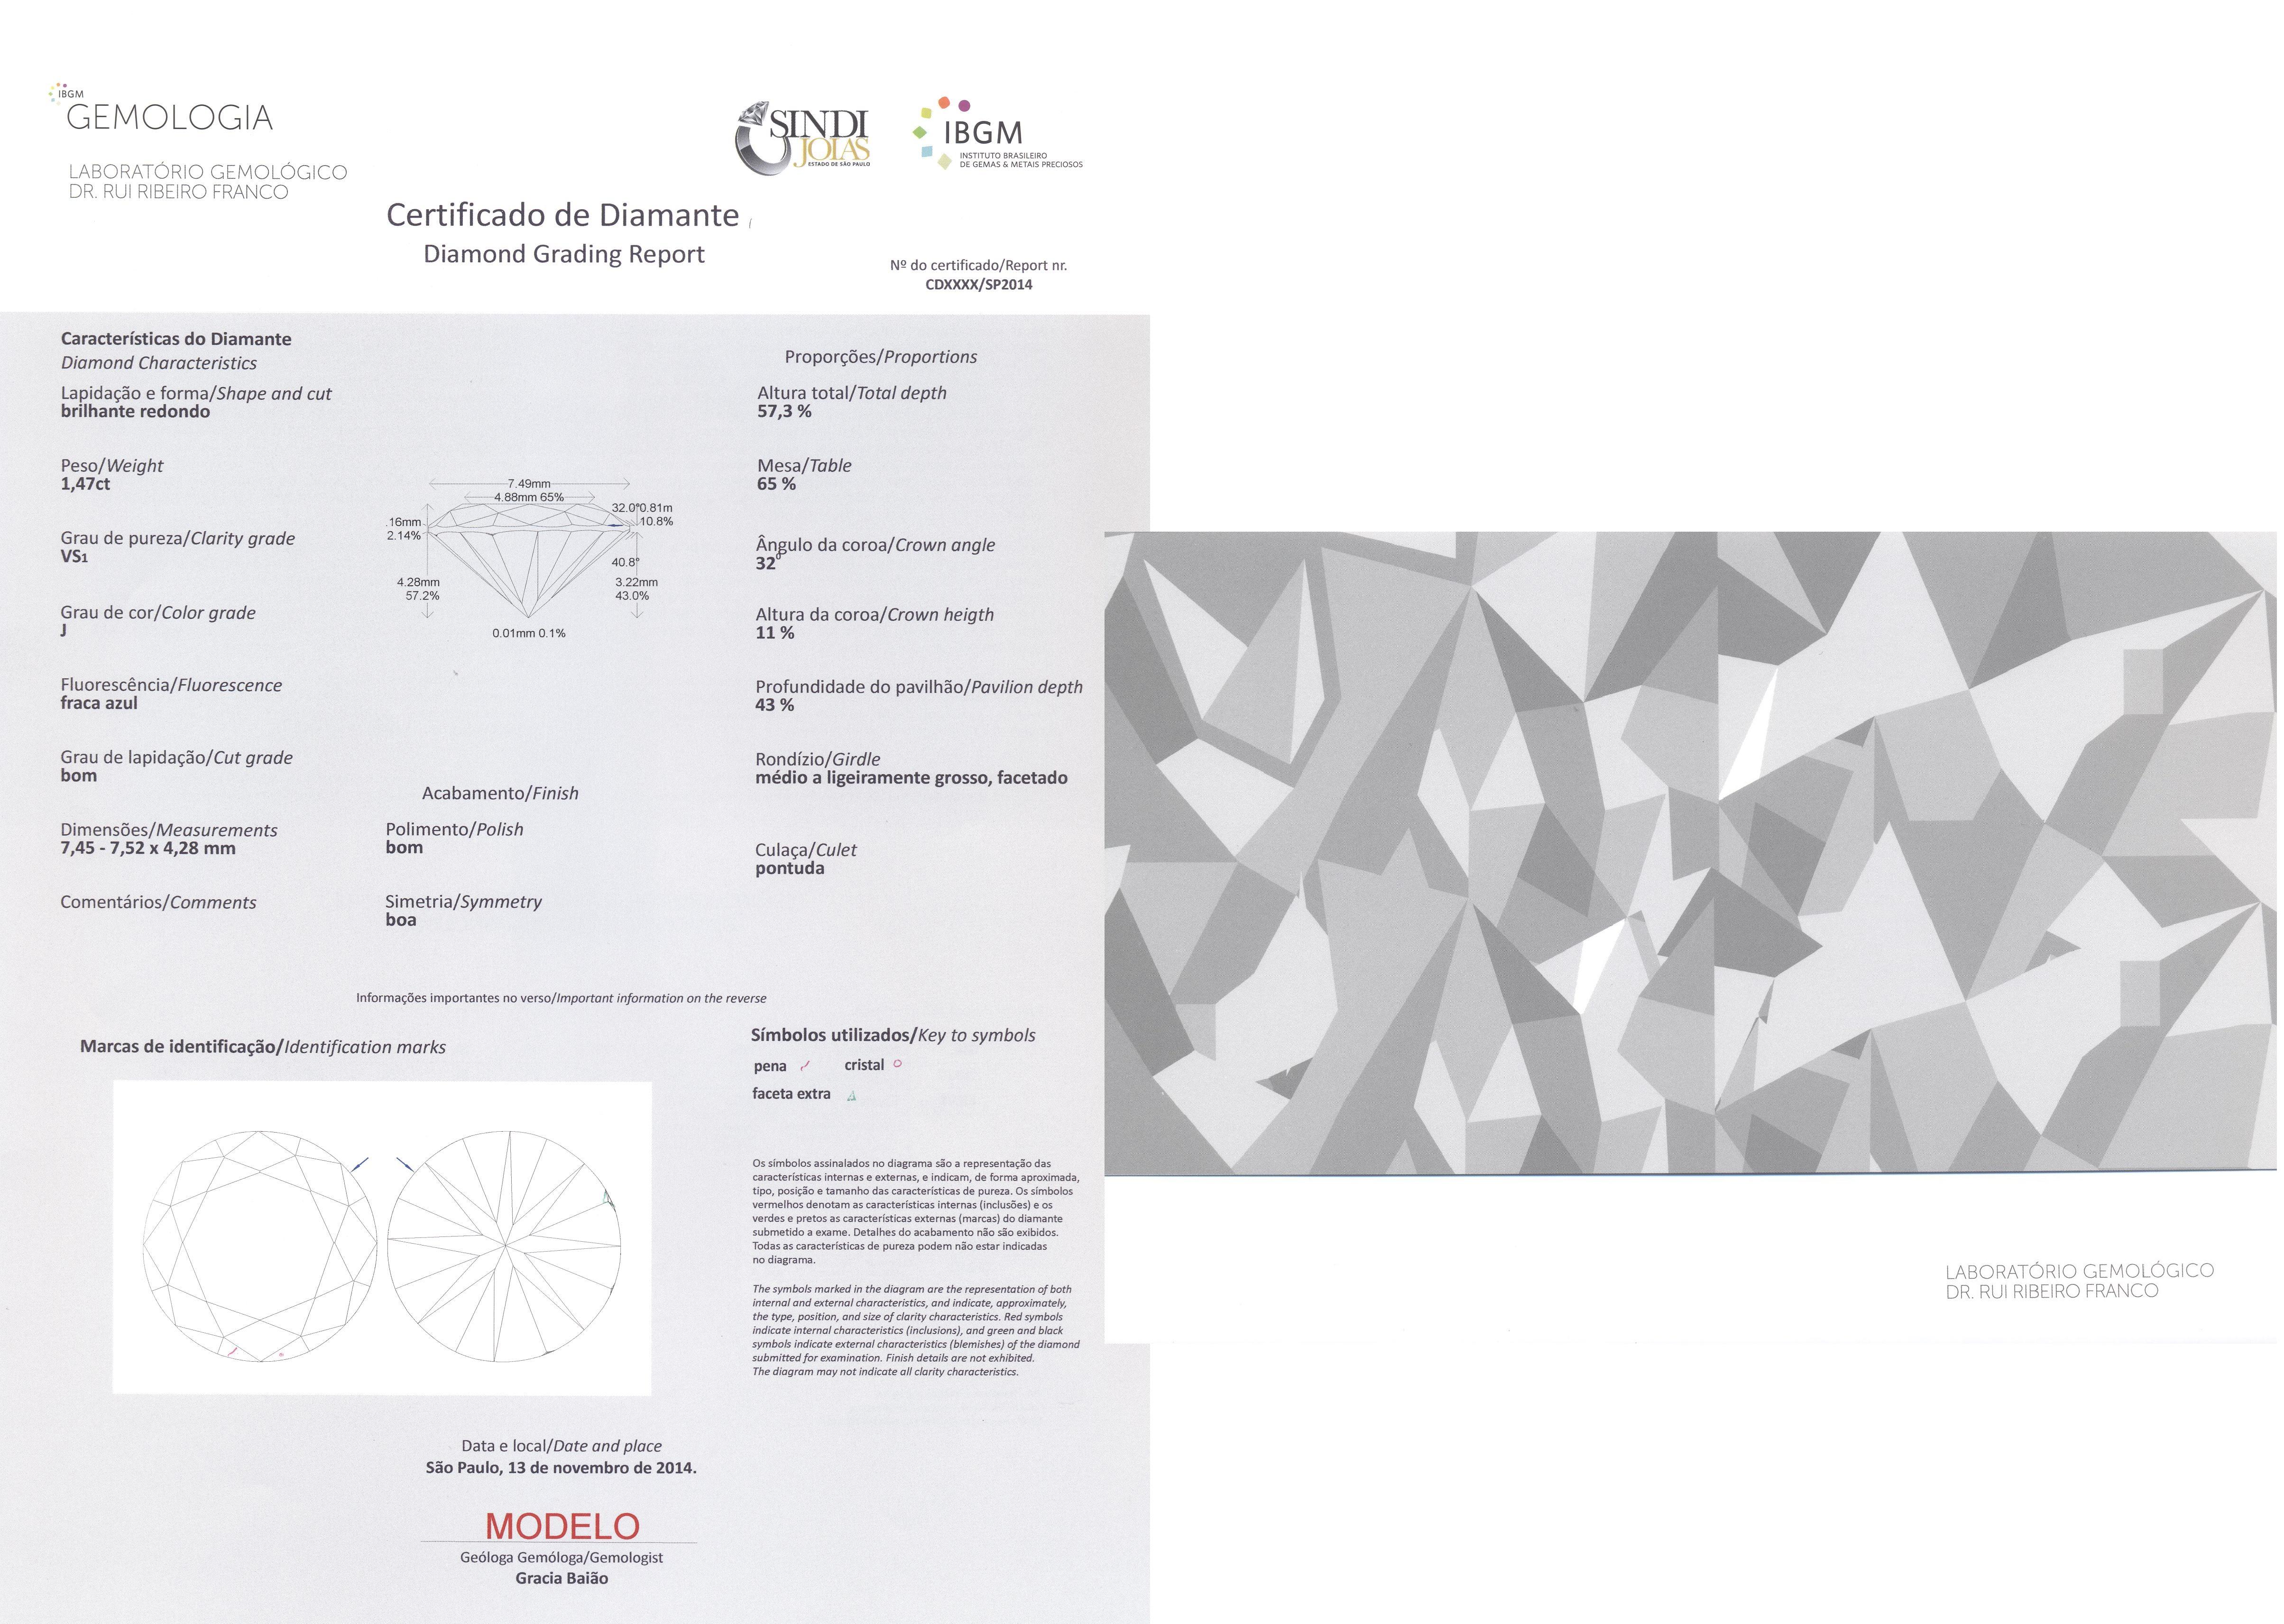 Documento de Classificação de Diamante - Laboratório Gemológico